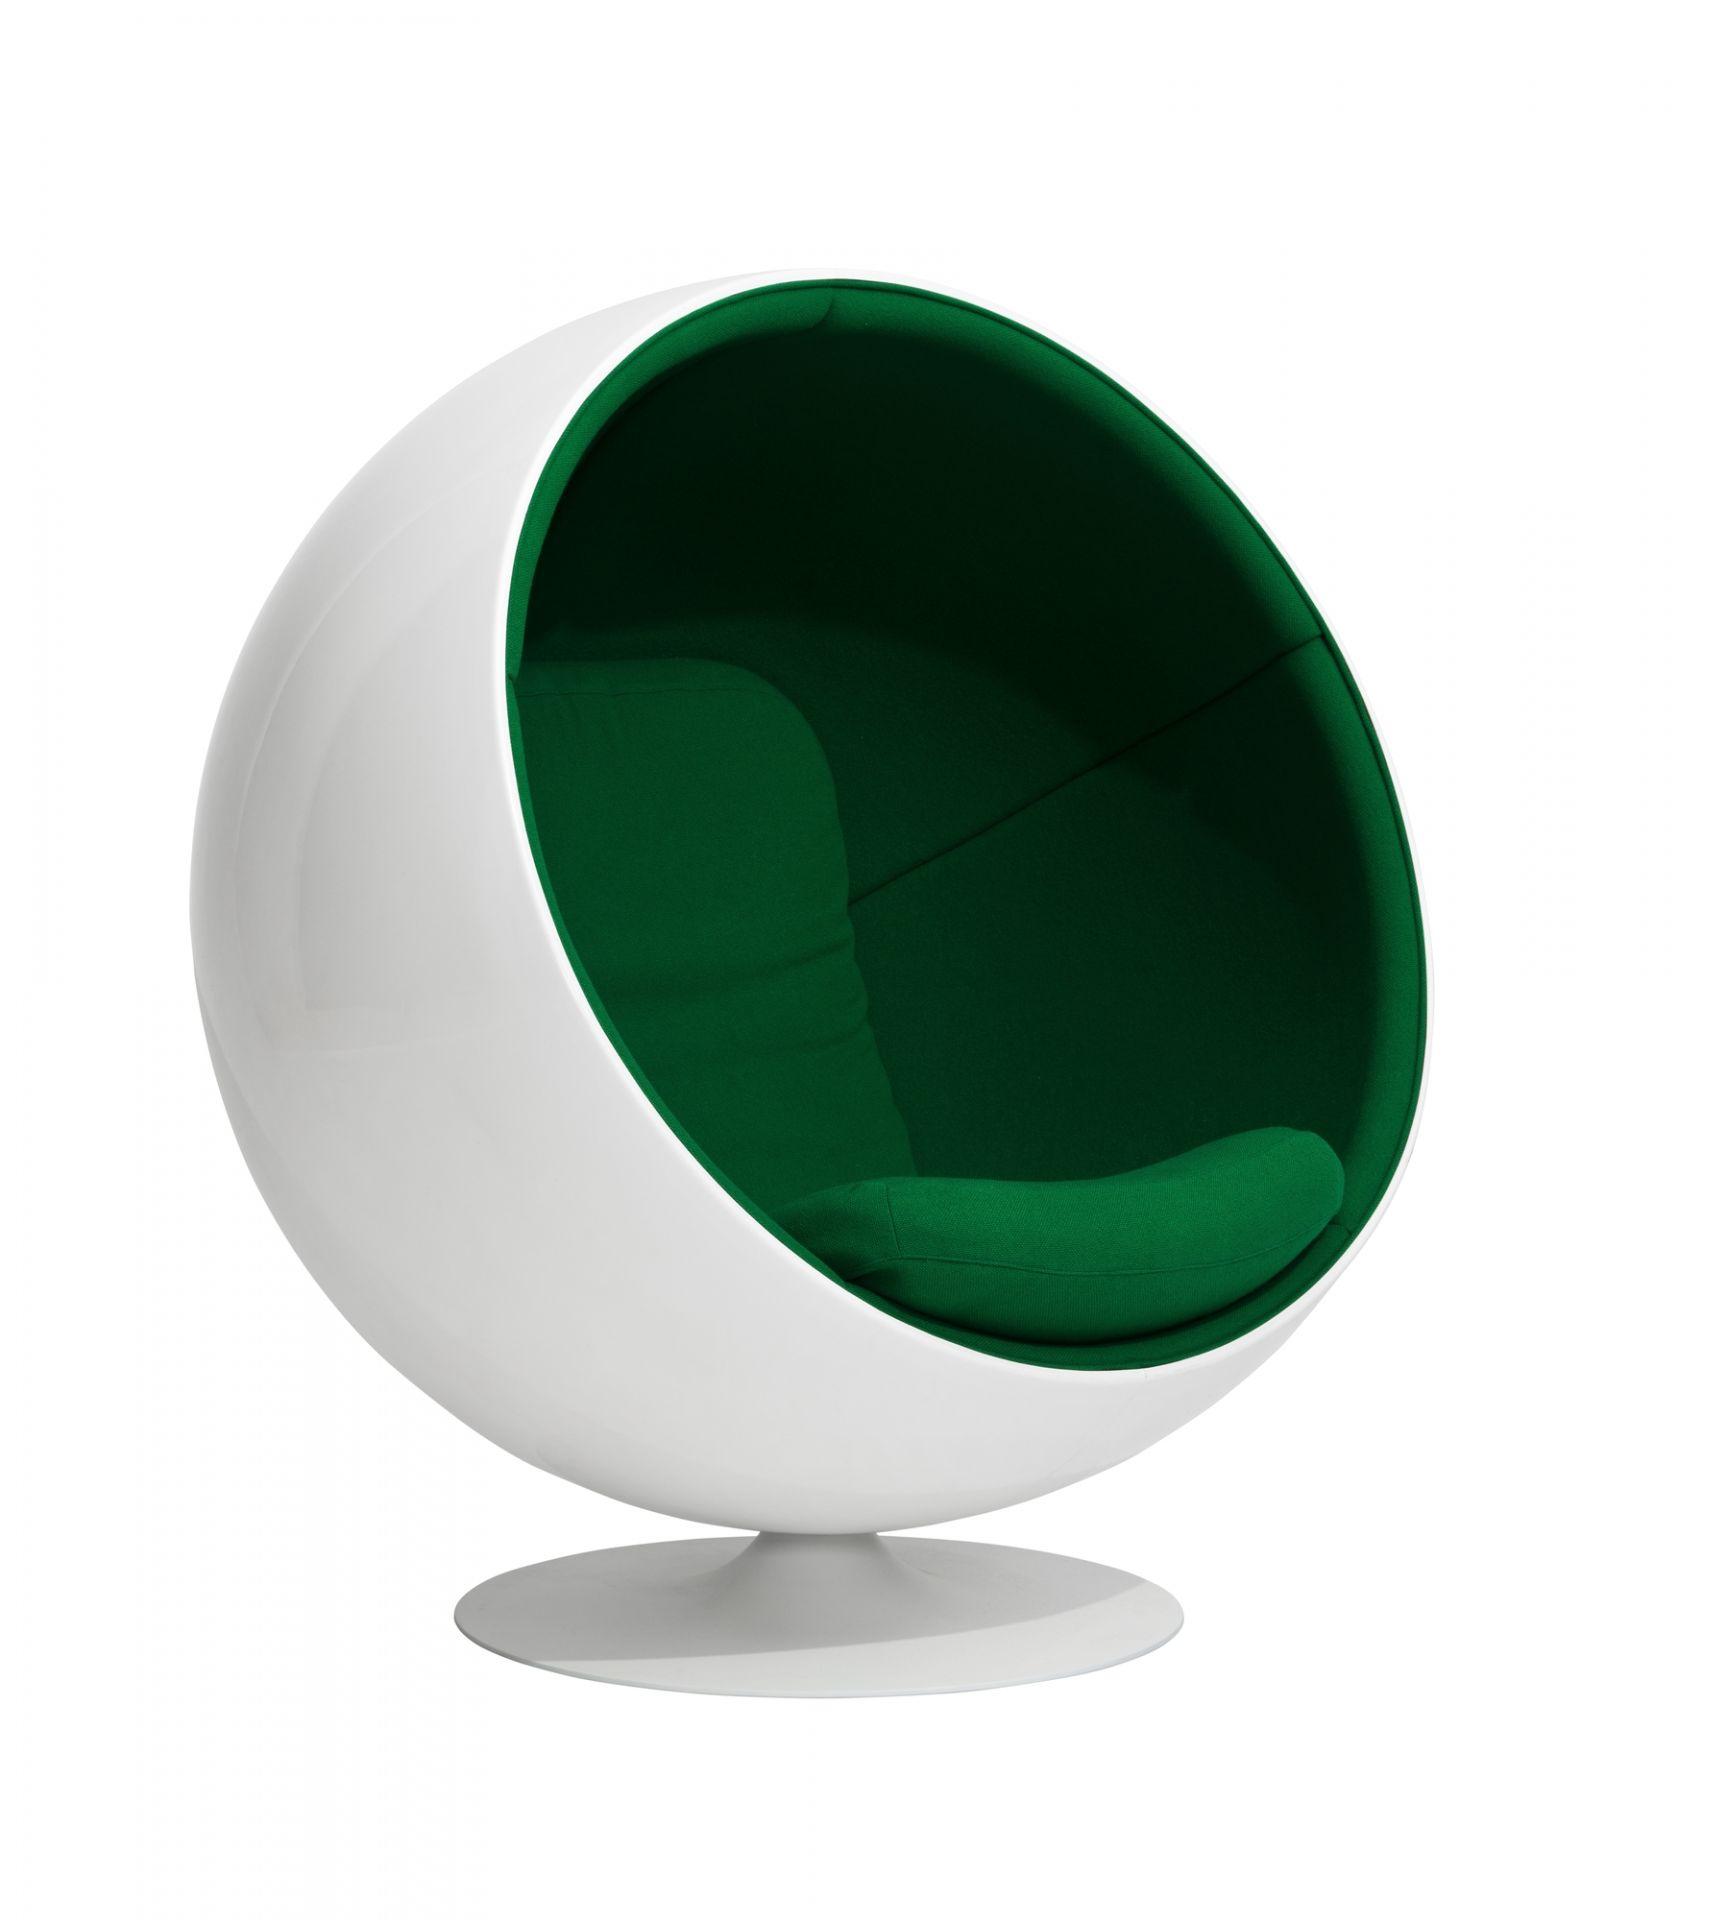 Ball Chair Eero Aarnio Originals